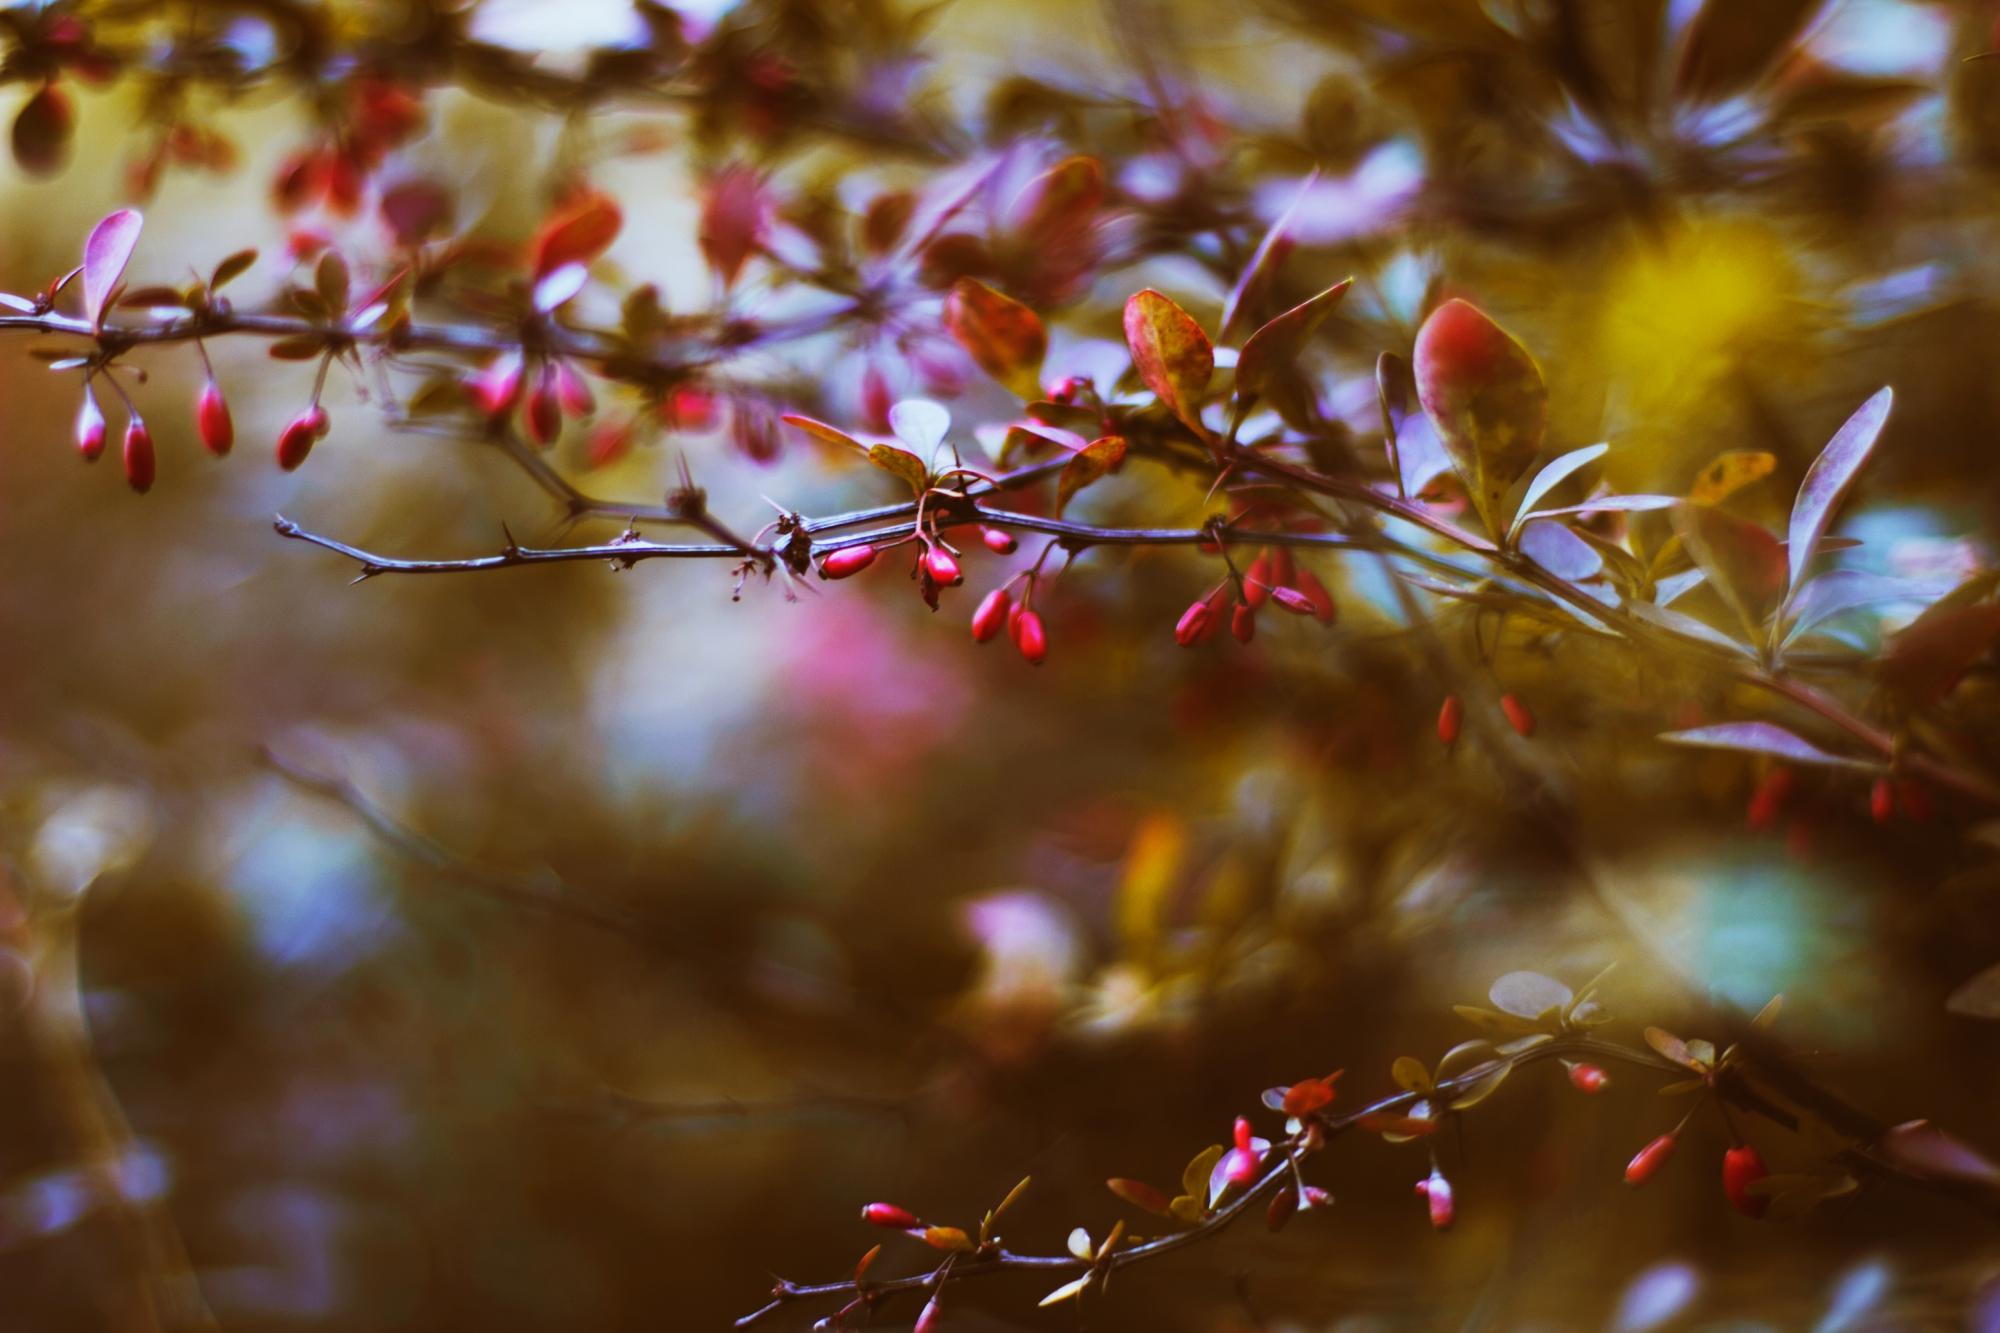 в ожидании весны картинки фото